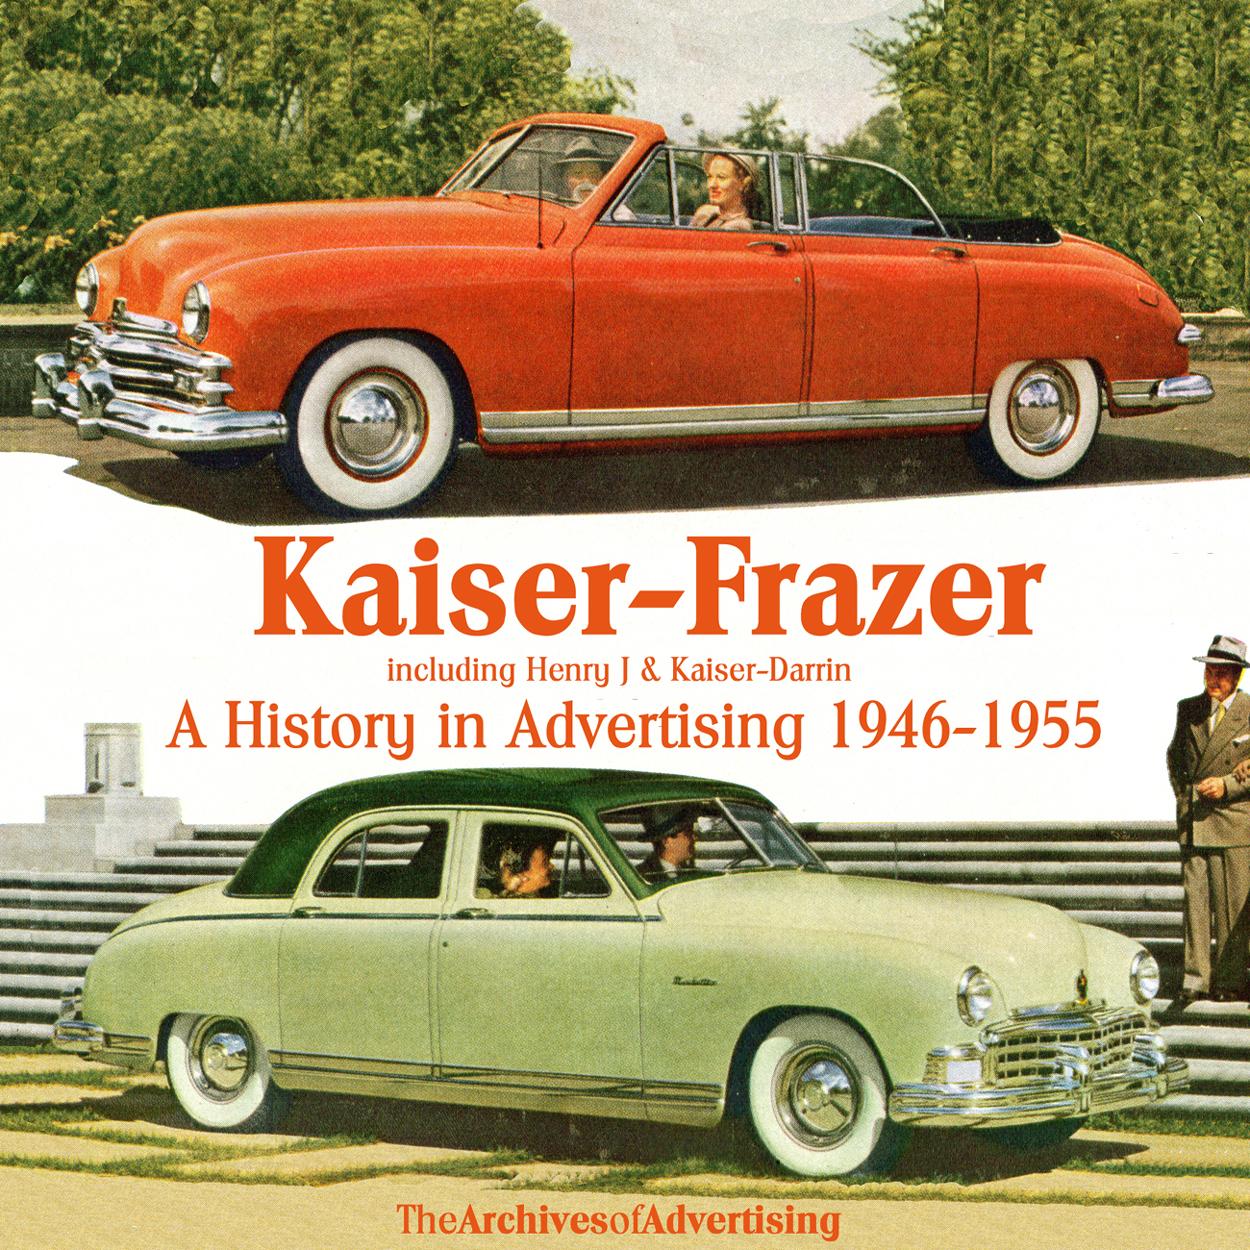 1946 1947 1948 1949 1950 1951 1951-1955 Kaiser Frazer Henry J ad CD-ROM 200+ ads